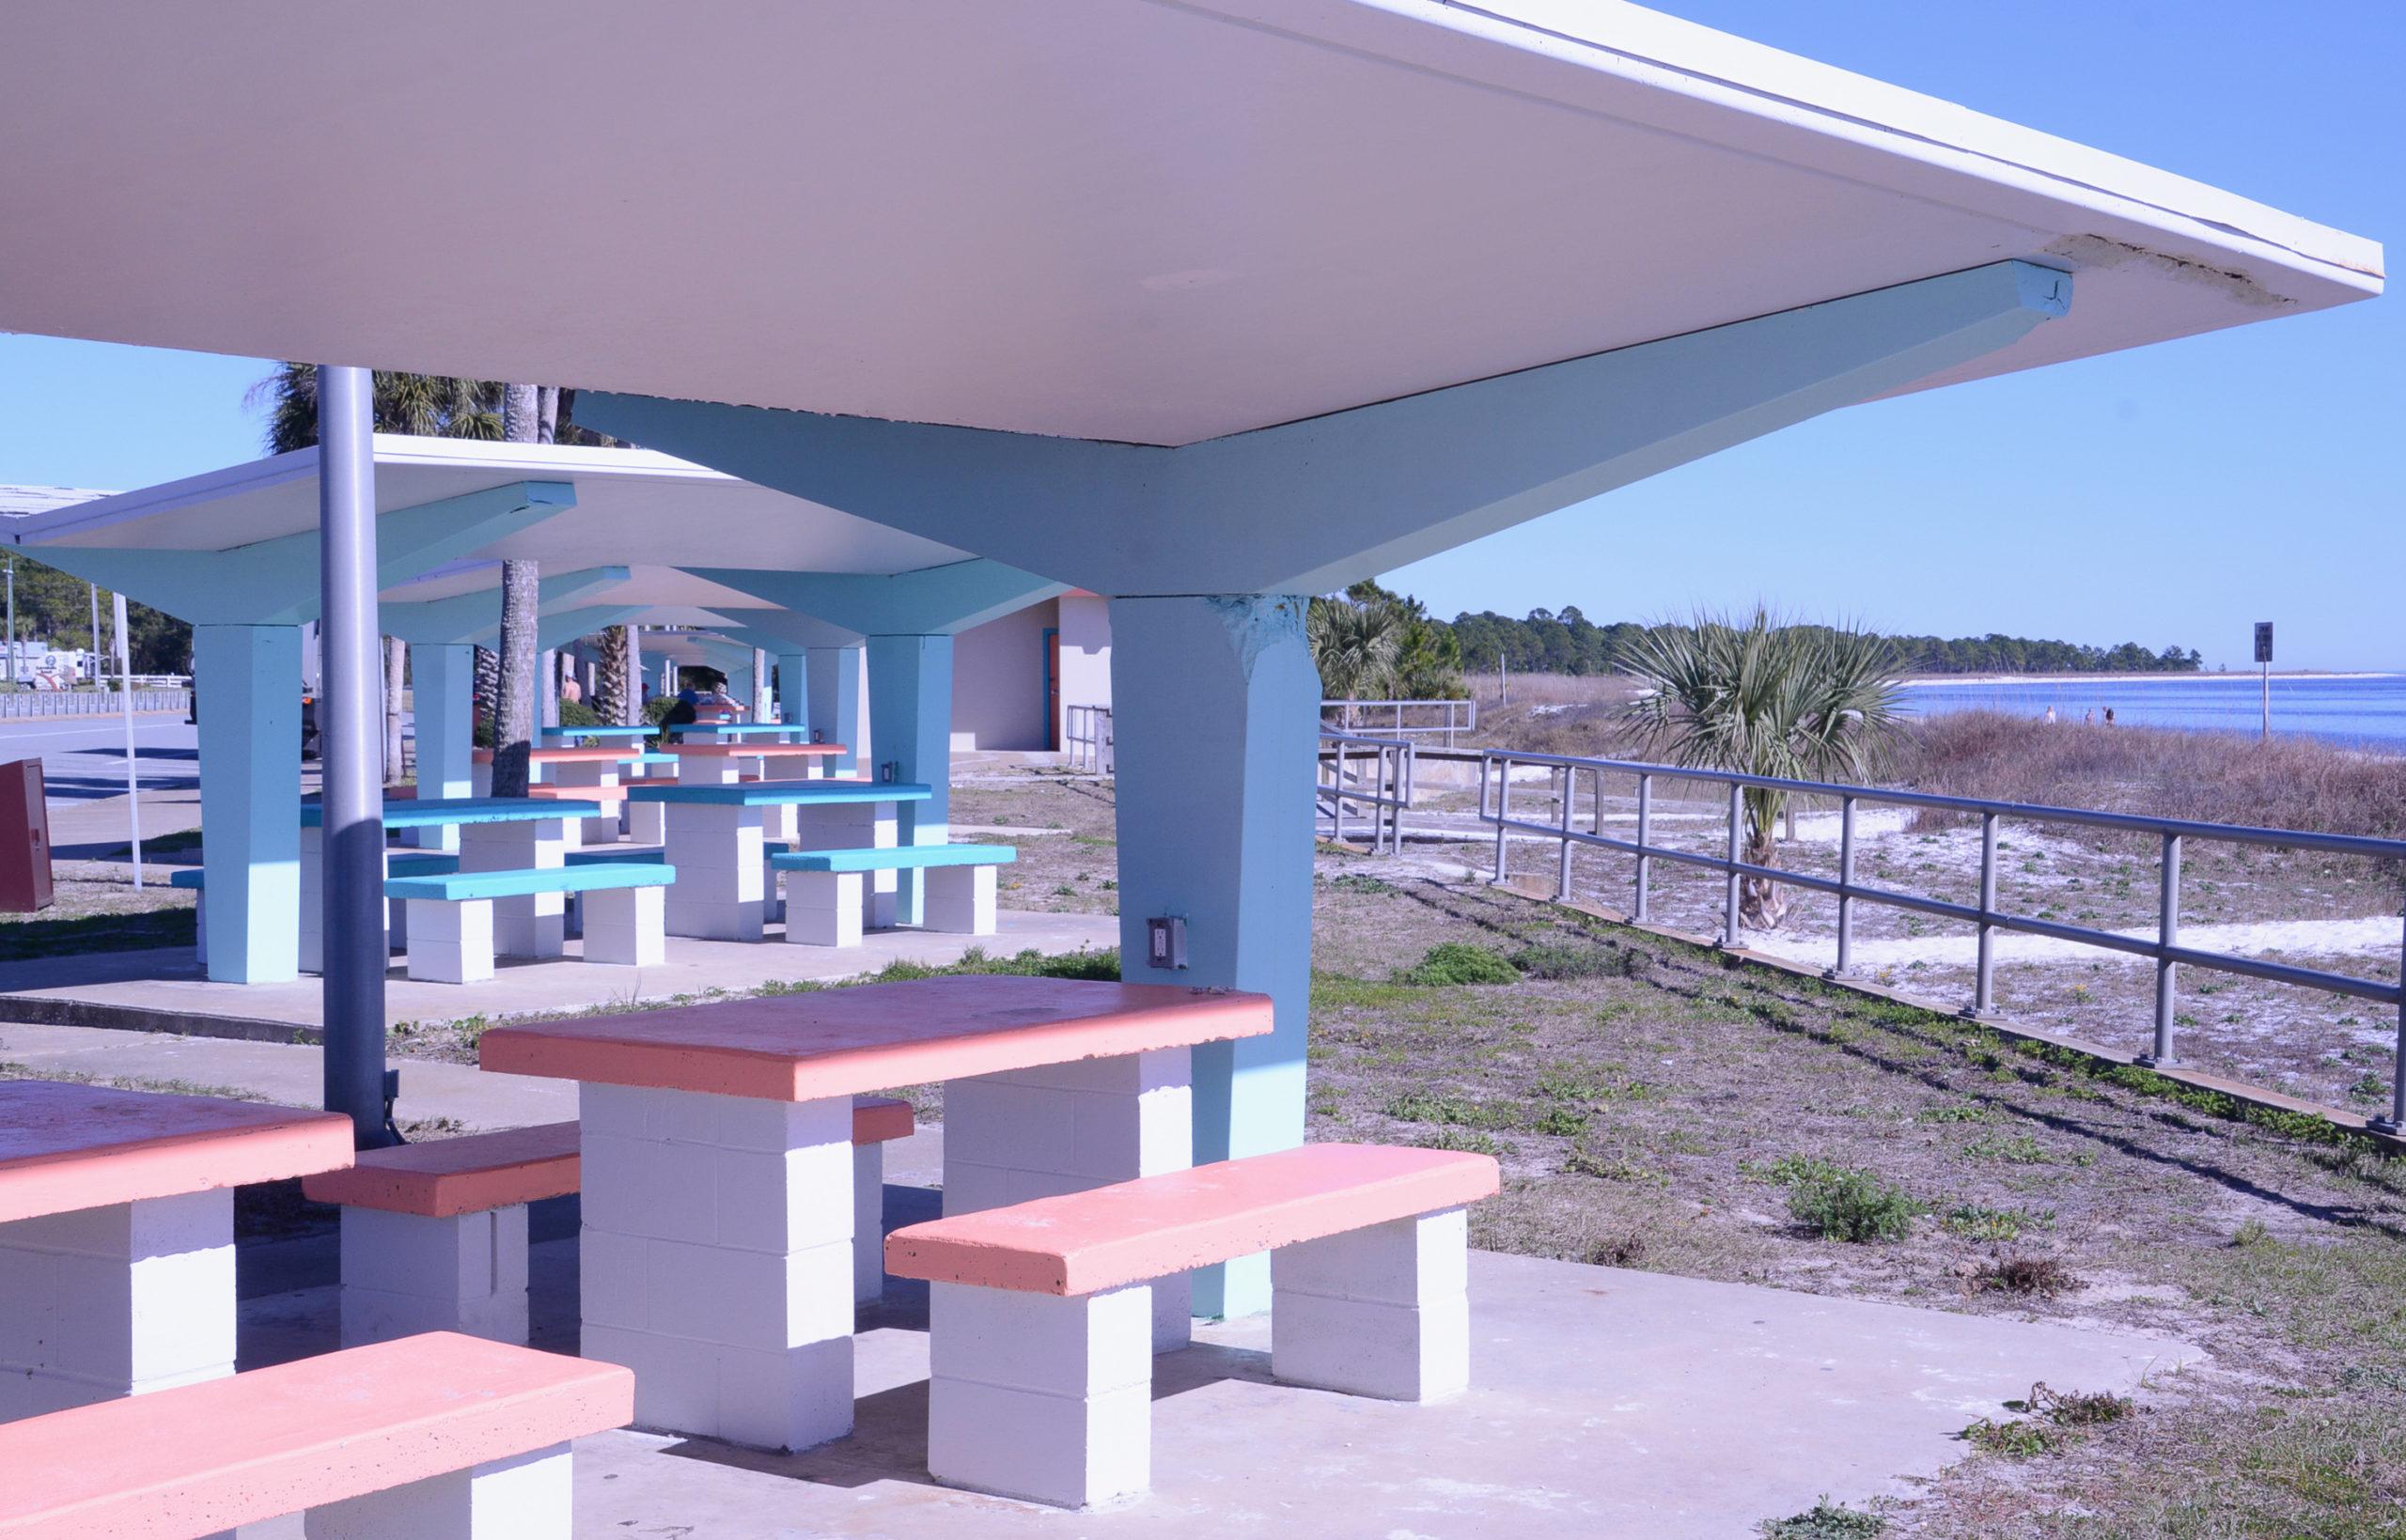 Pastellfarbener Picknickplatz am Strand von Carabell auf der Forgotten Coast in Florida